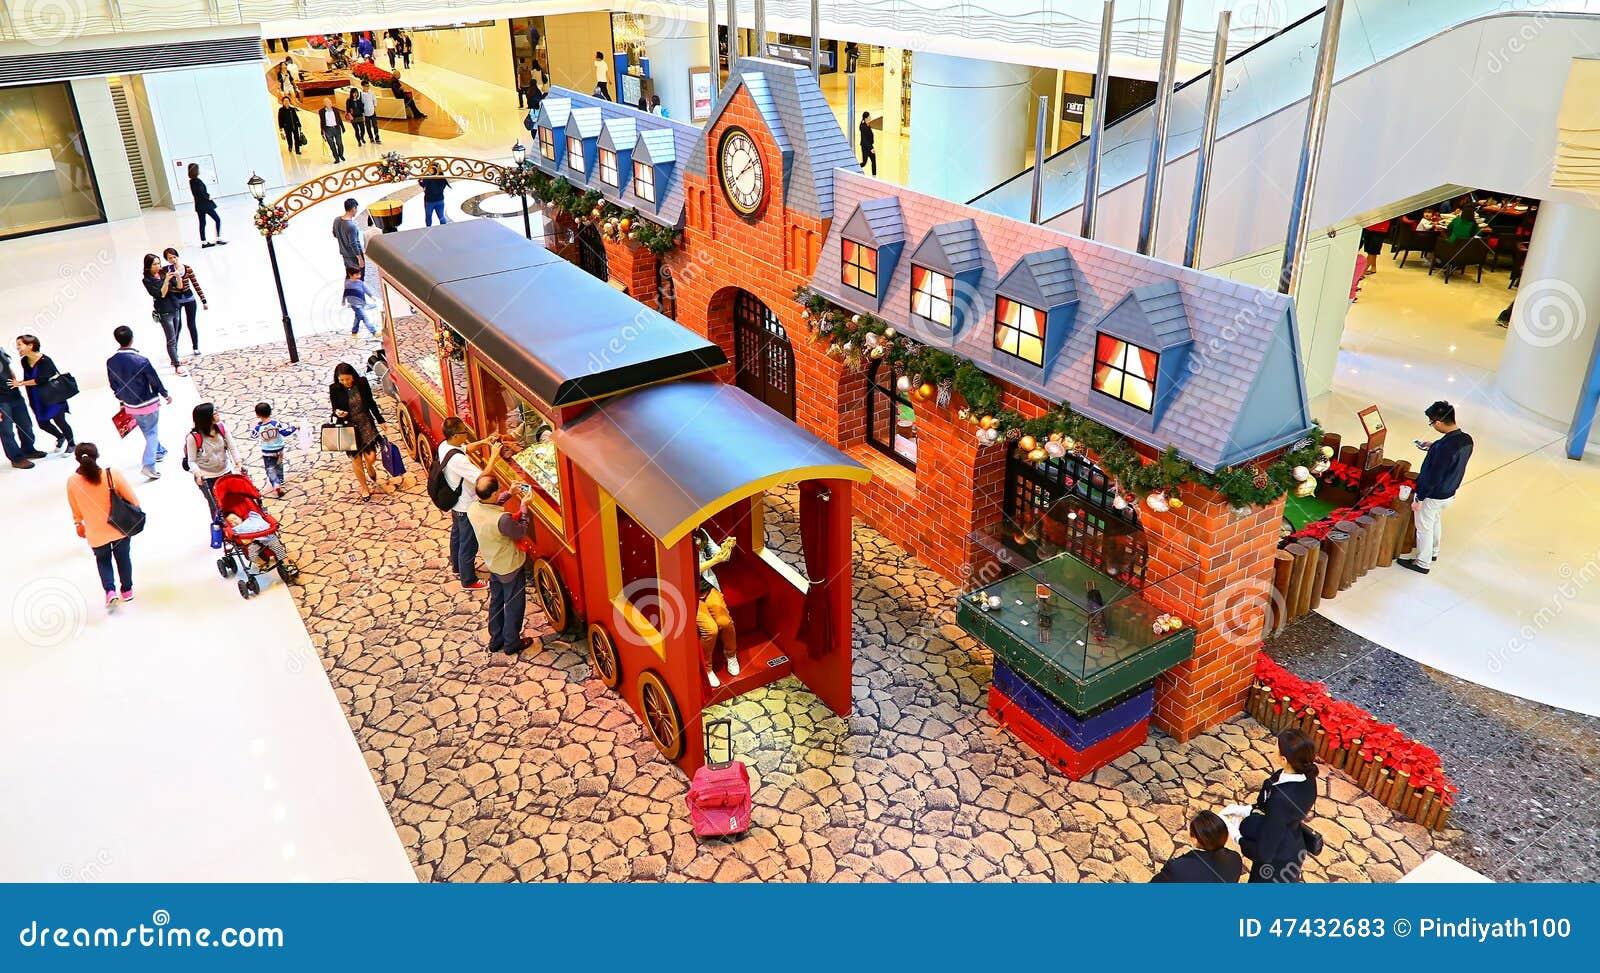 #B72E14 Christmas Decoration At Elements Mall Hong Kong Editorial  6083 decoration de noel train electrique 1300x808 px @ aertt.com